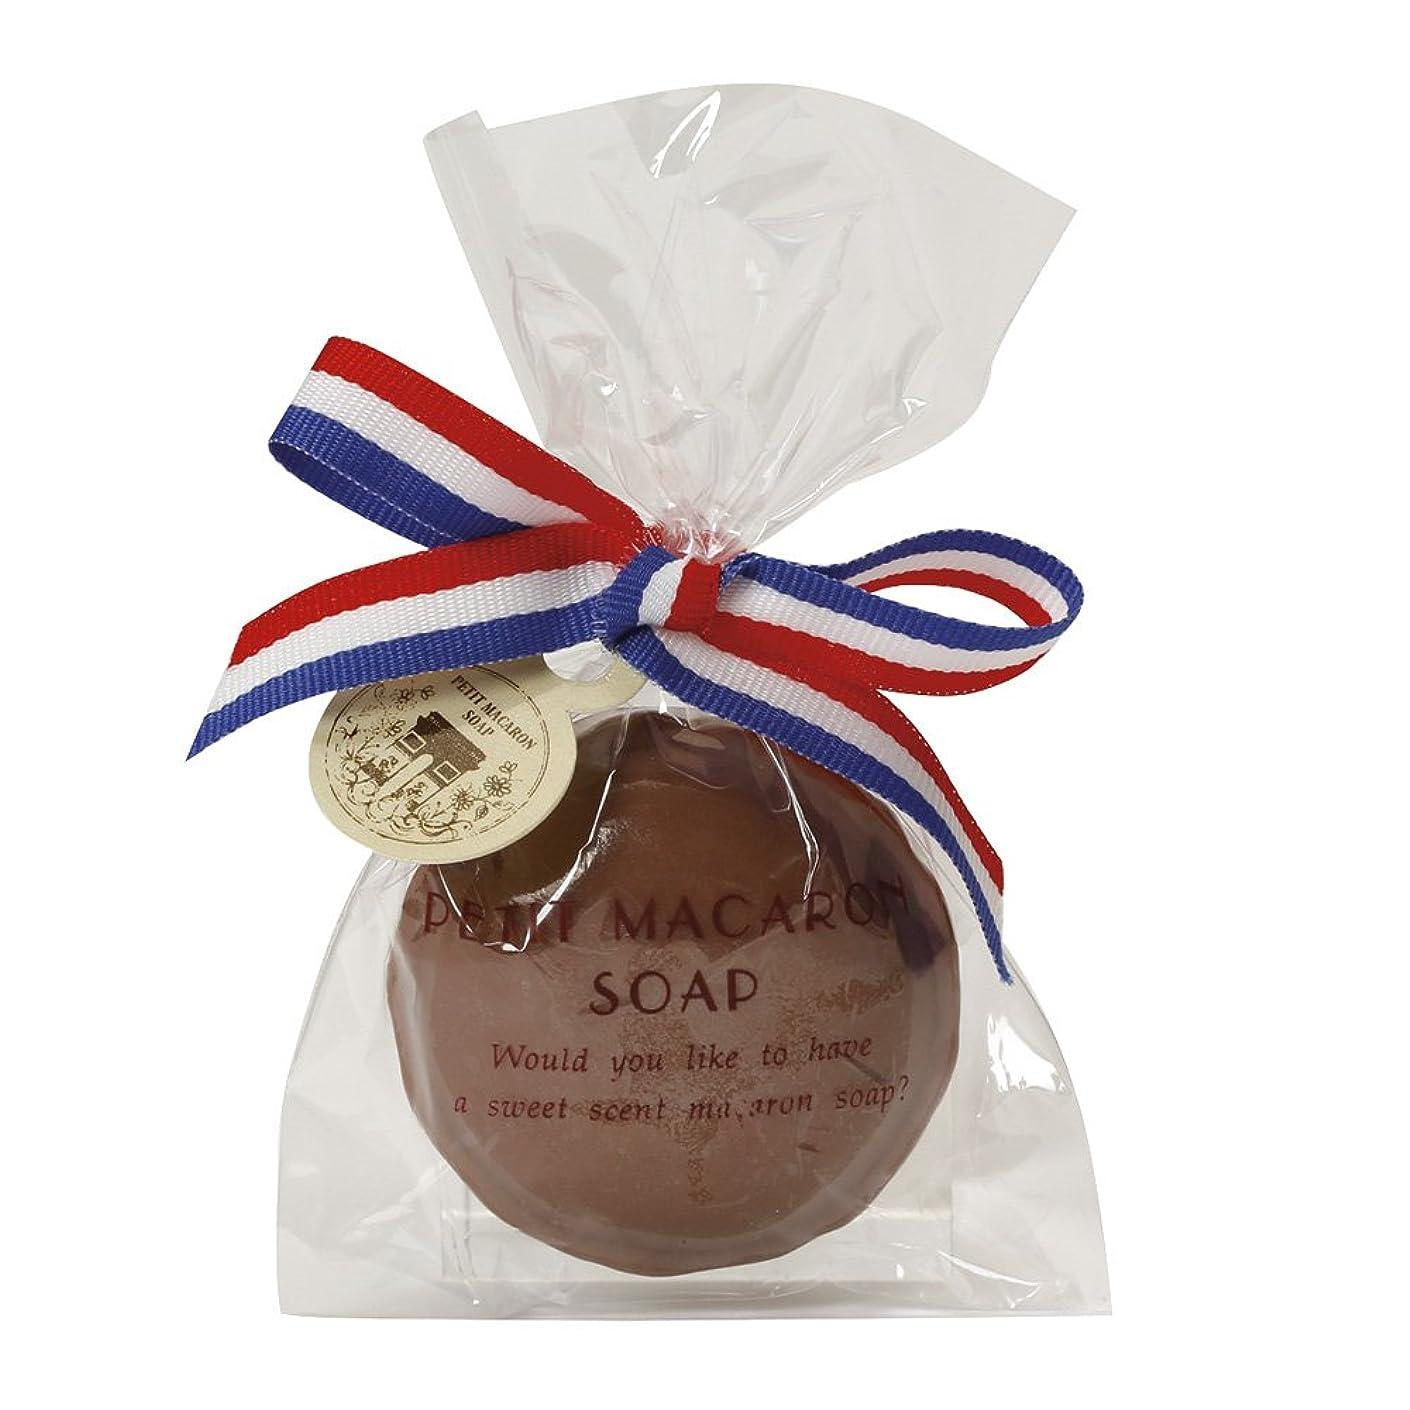 必要性引き金禁止するプチマカロンソープ チョコレート 22g